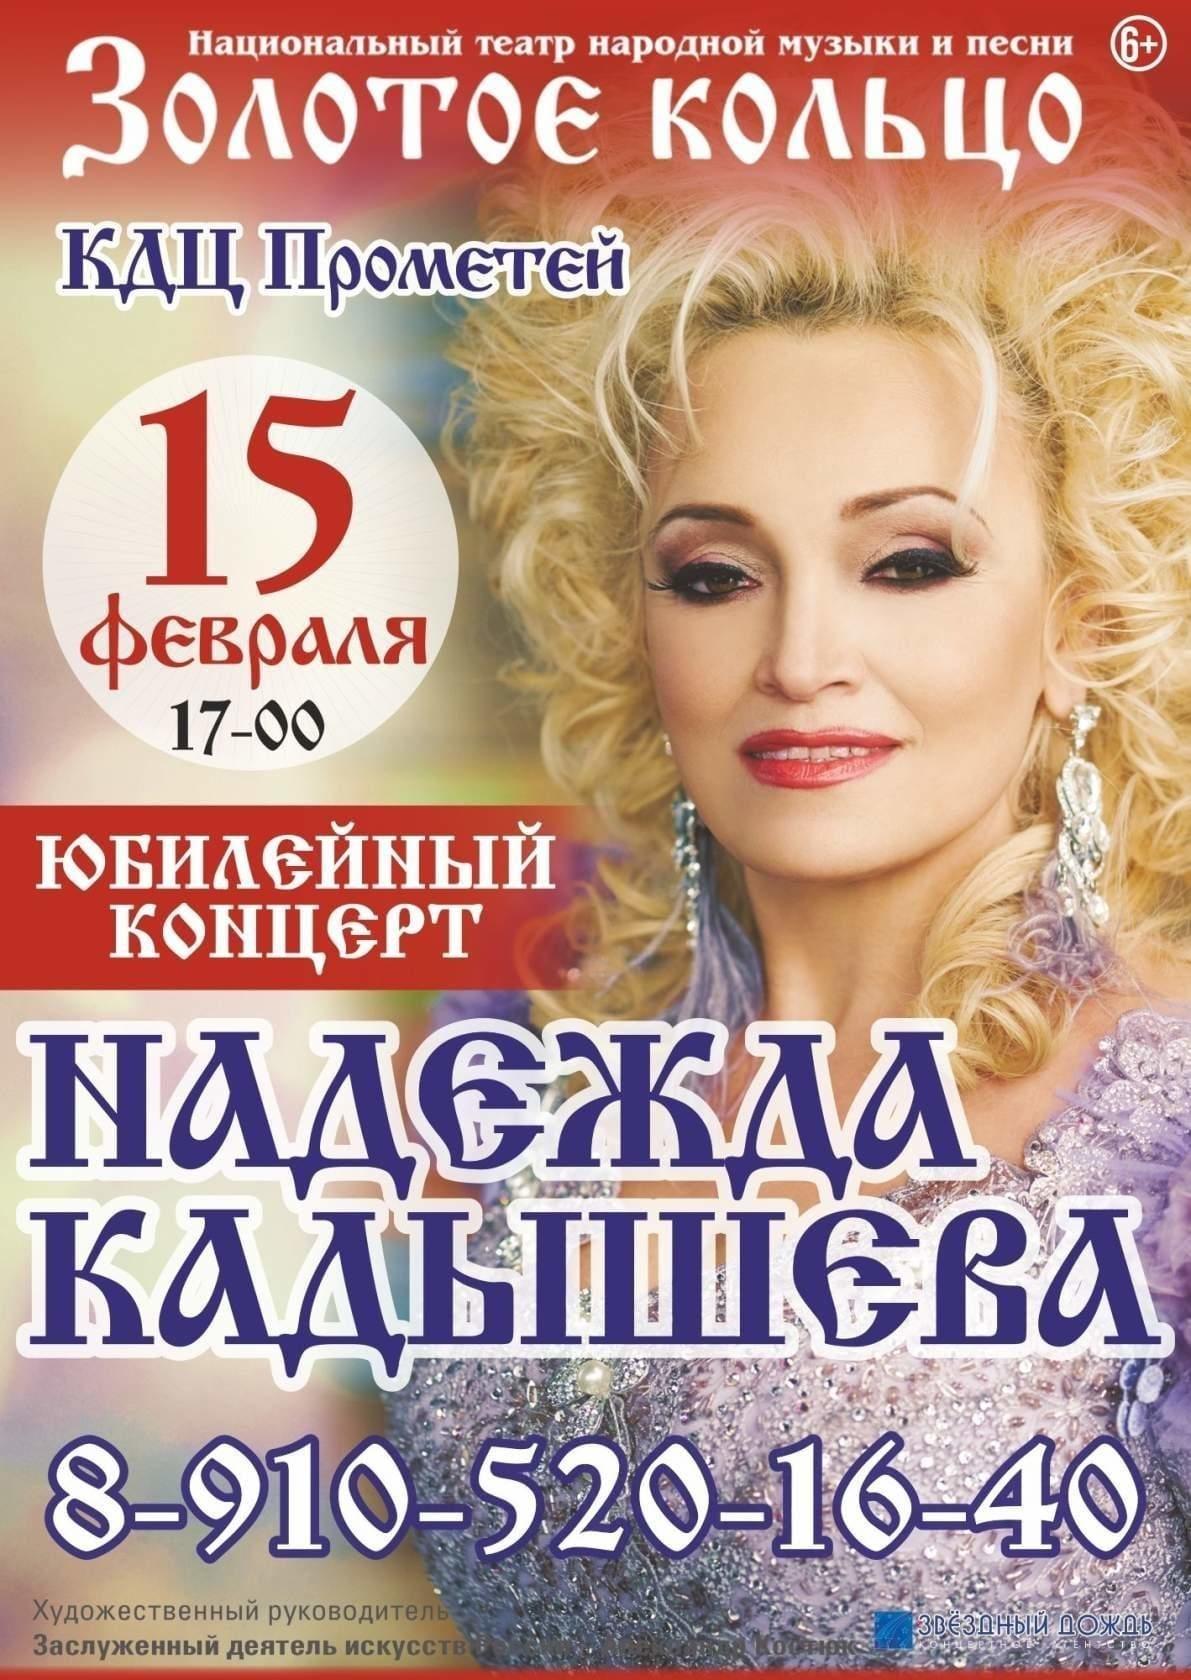 Сосенский КДЦ Прометей 15 февраля